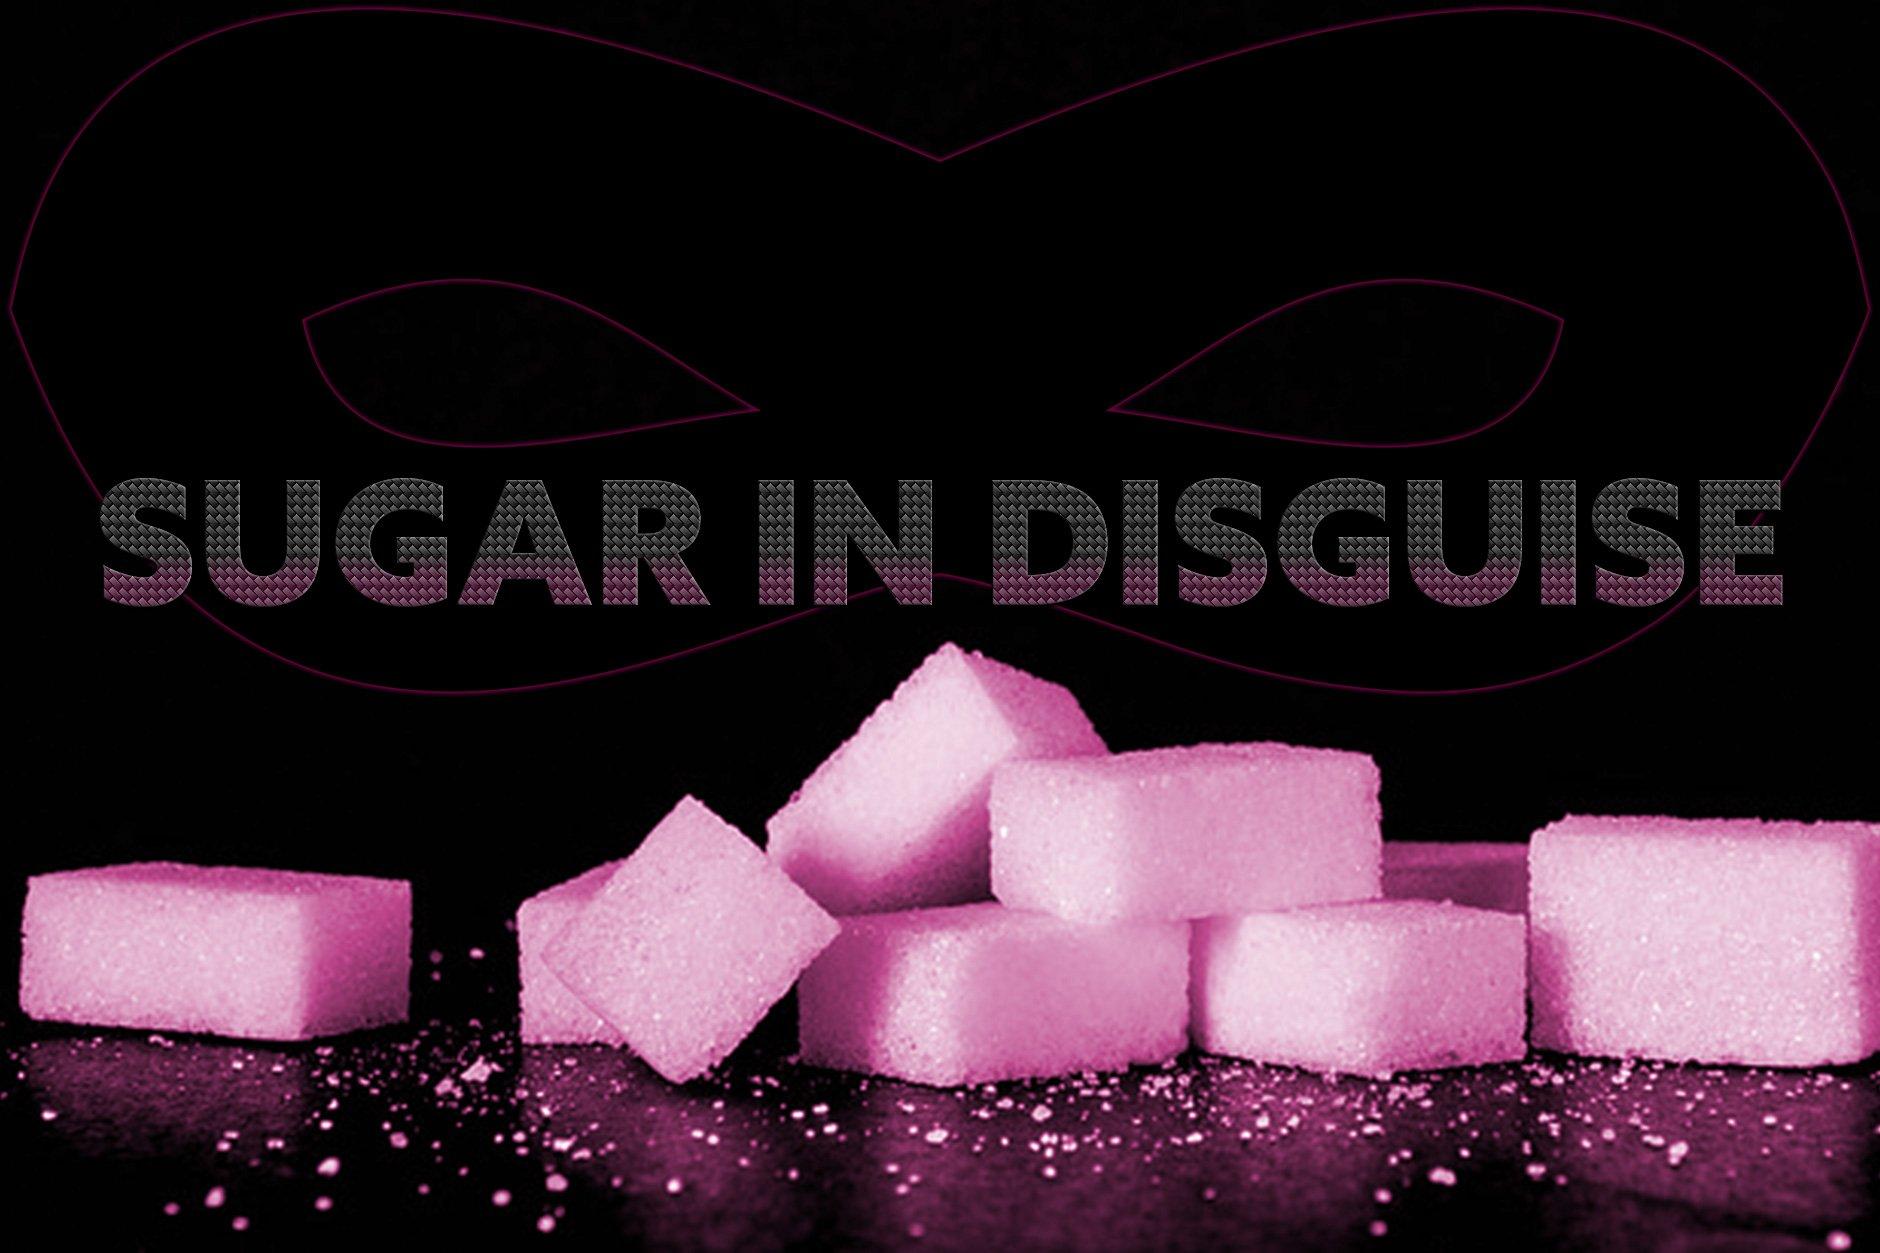 7 Ways Food Companies Hide Sugar in Food